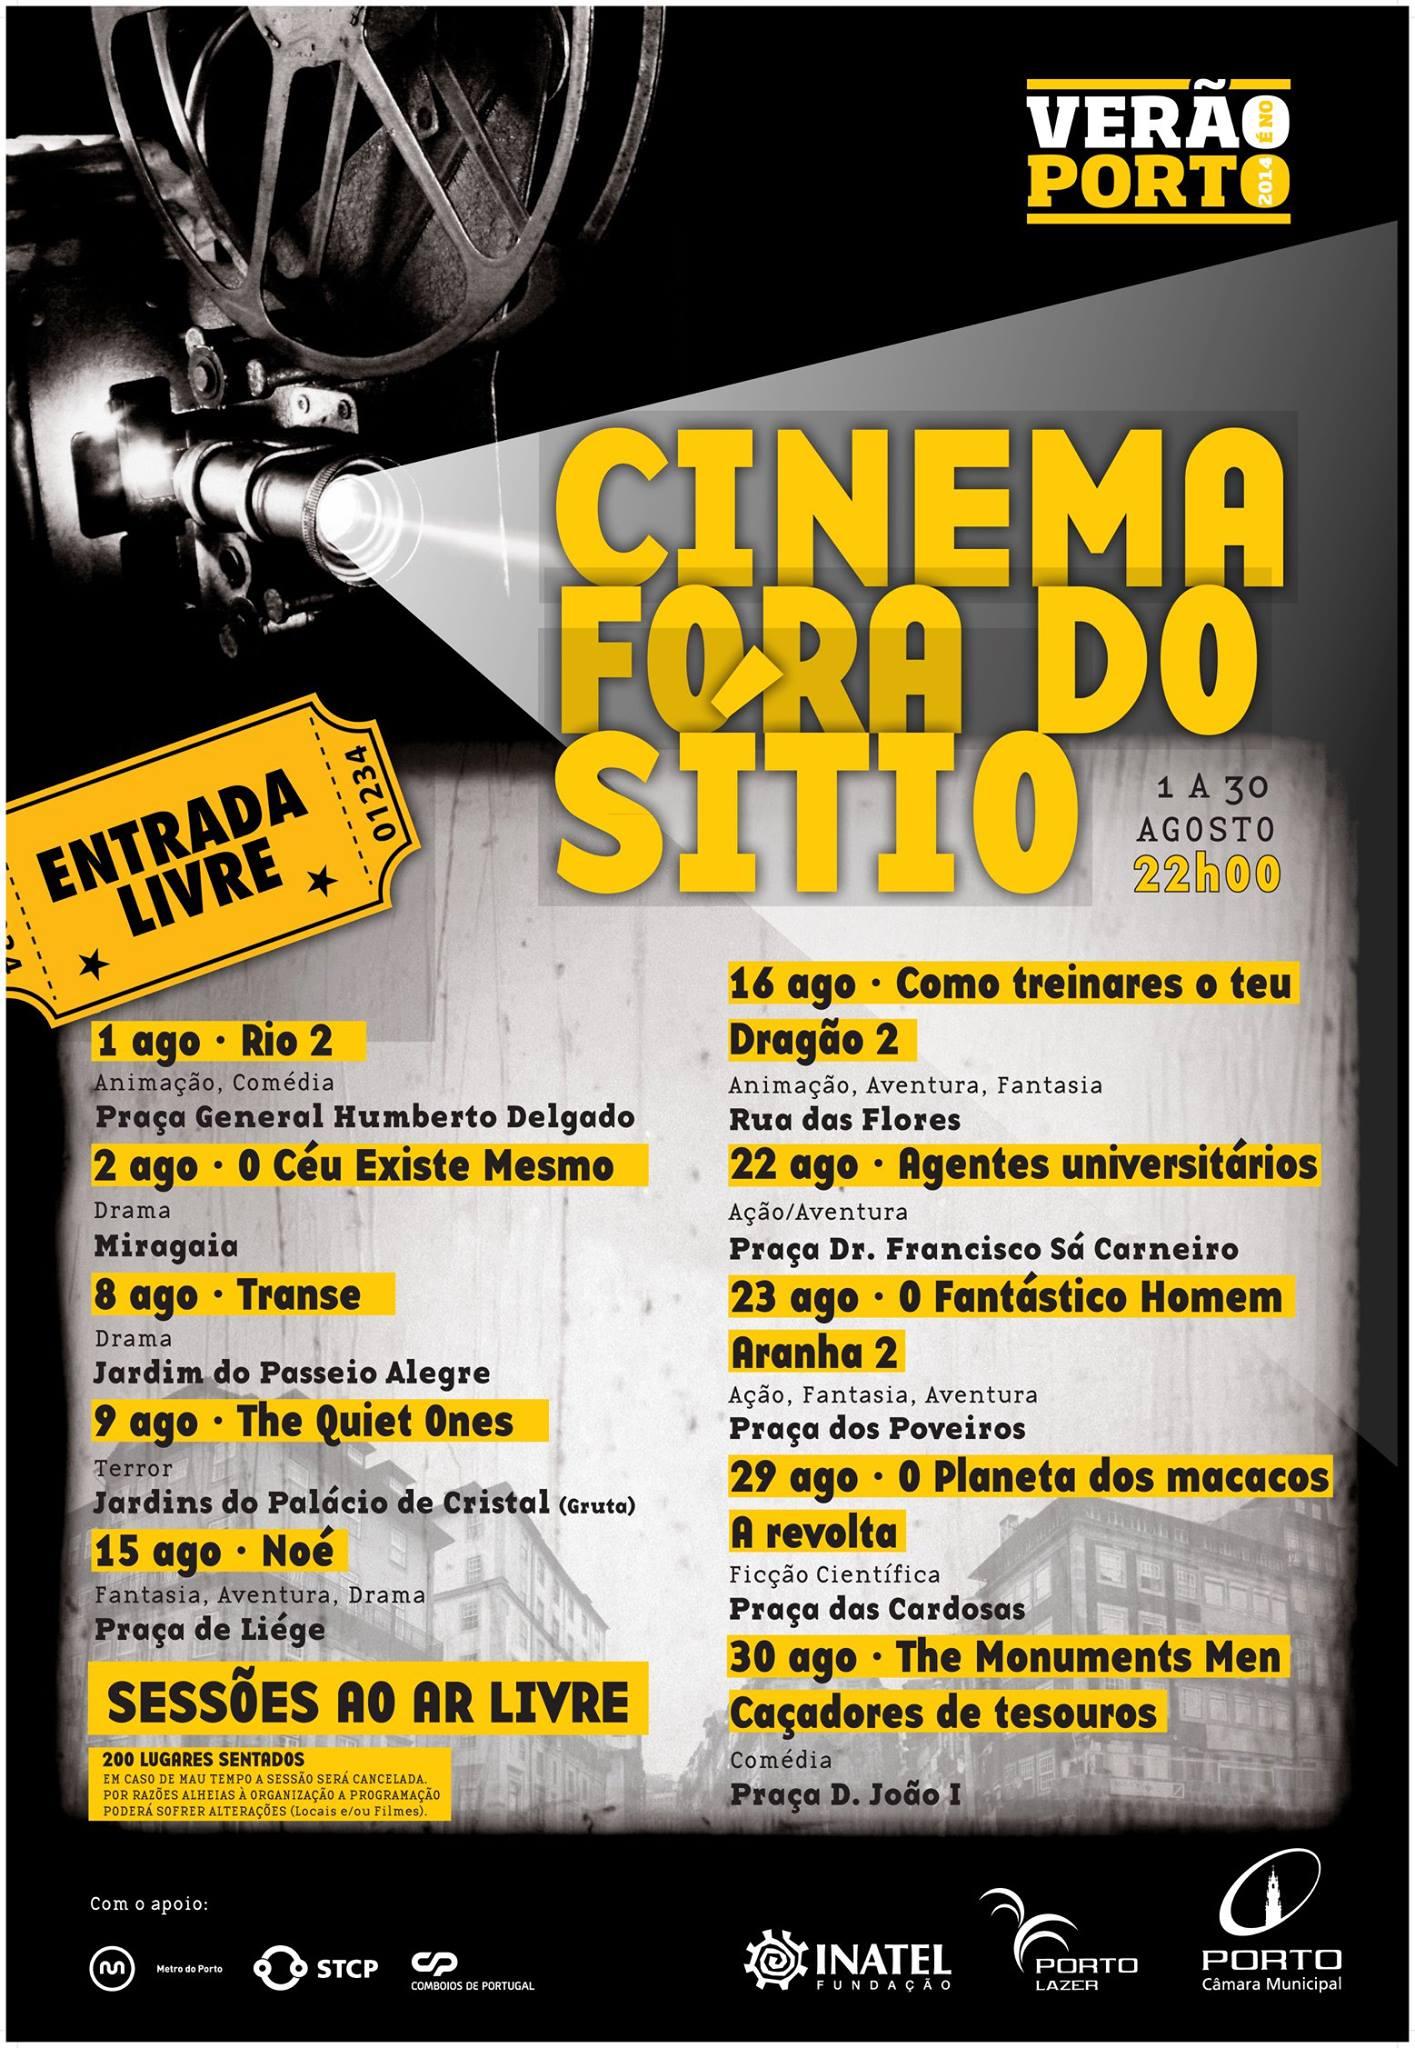 Cinema Fora do Sítio 2014_1